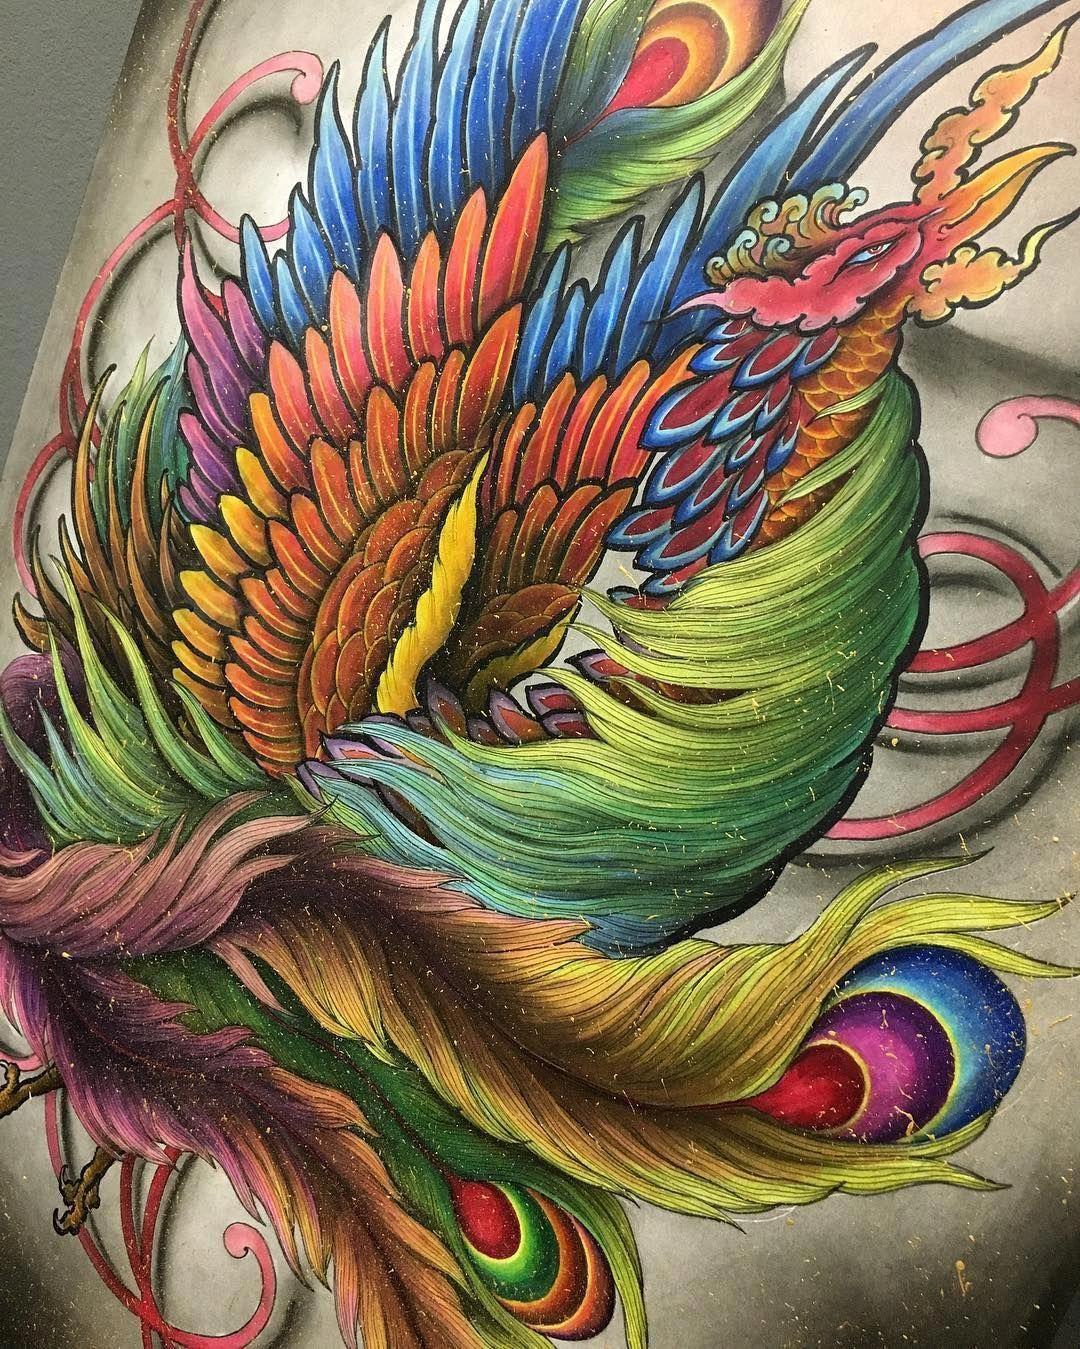 Japanese Tattoos Pinterest Japanesetattoos Y Tưởng Hinh Xăm Hinh Xăm Phượng Hoang Hinh Xăm